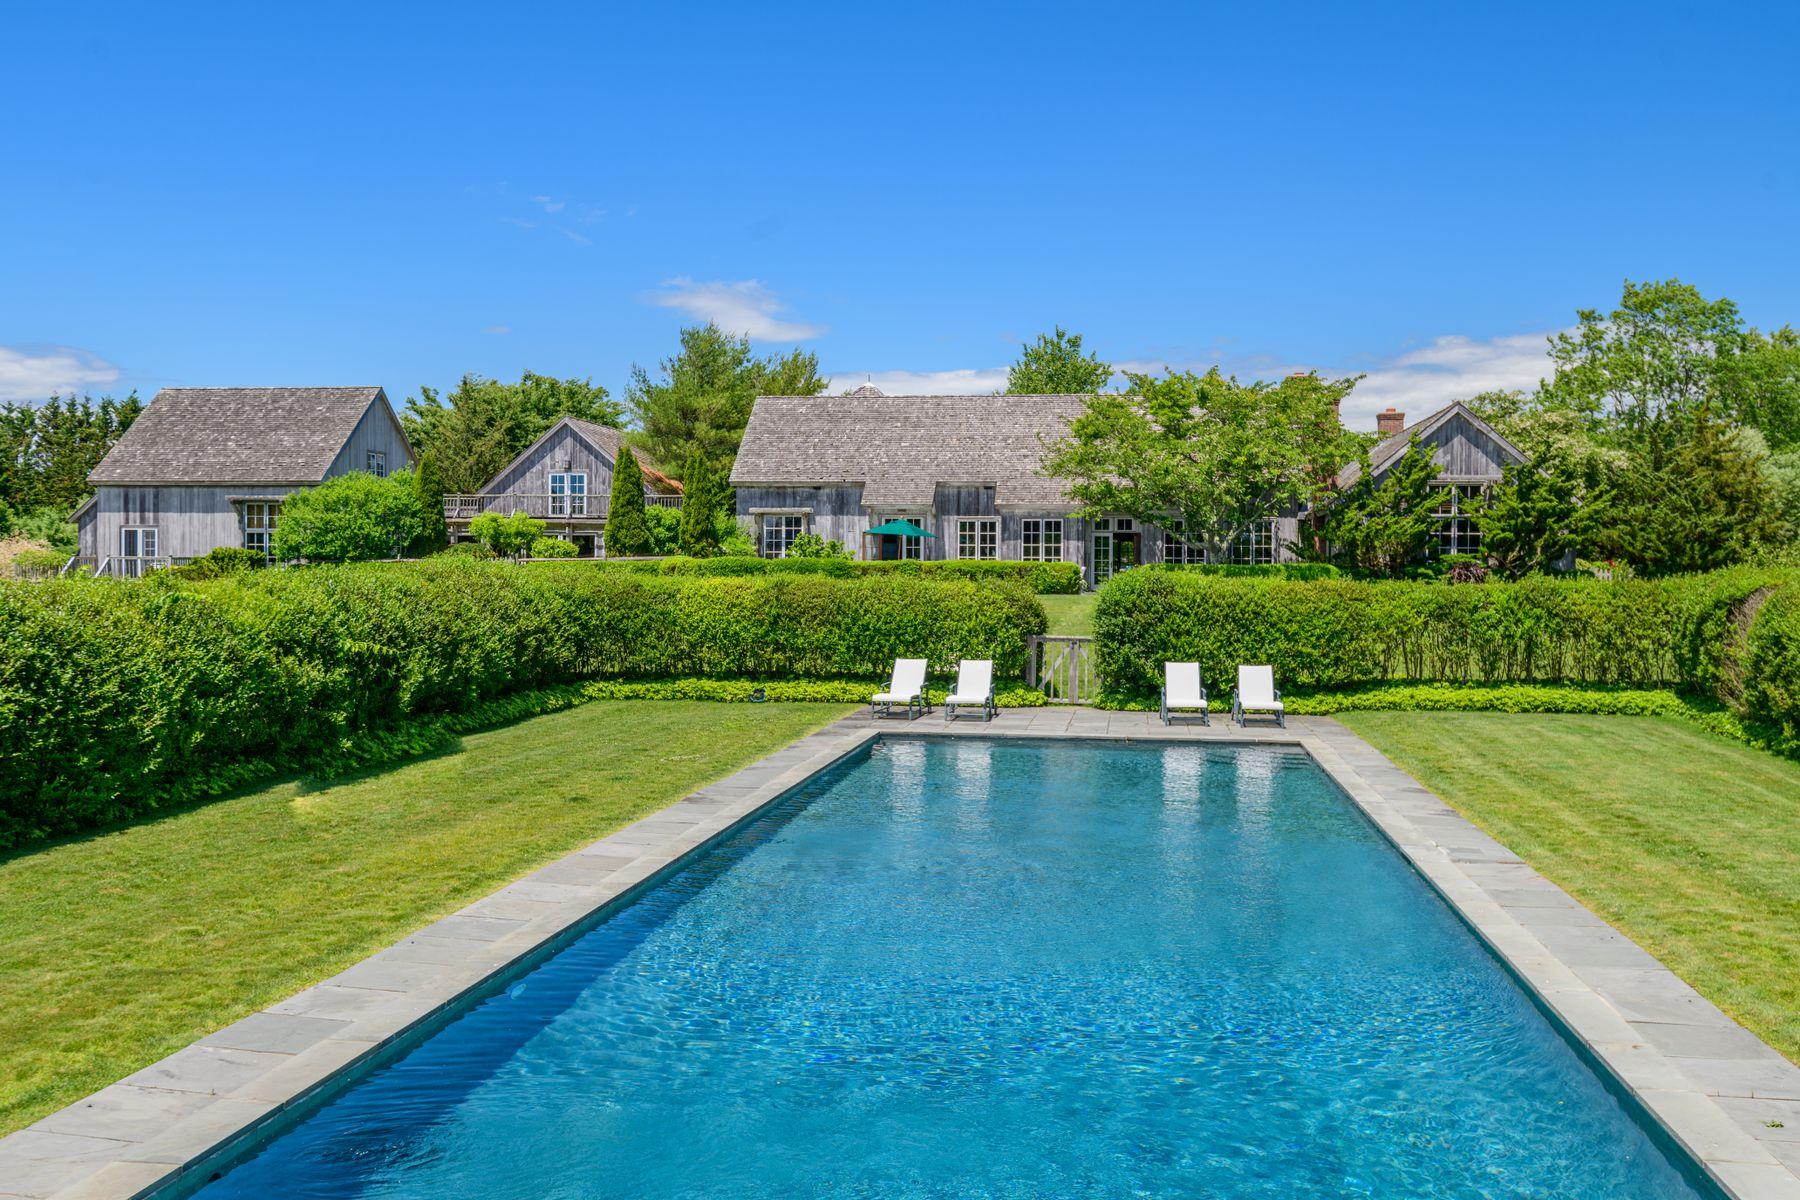 Single Family Homes för Försäljning vid 7+/- Acres in Bridgehampton 81 Day Lily Lane, Bridgehampton, New York 11932 Förenta staterna